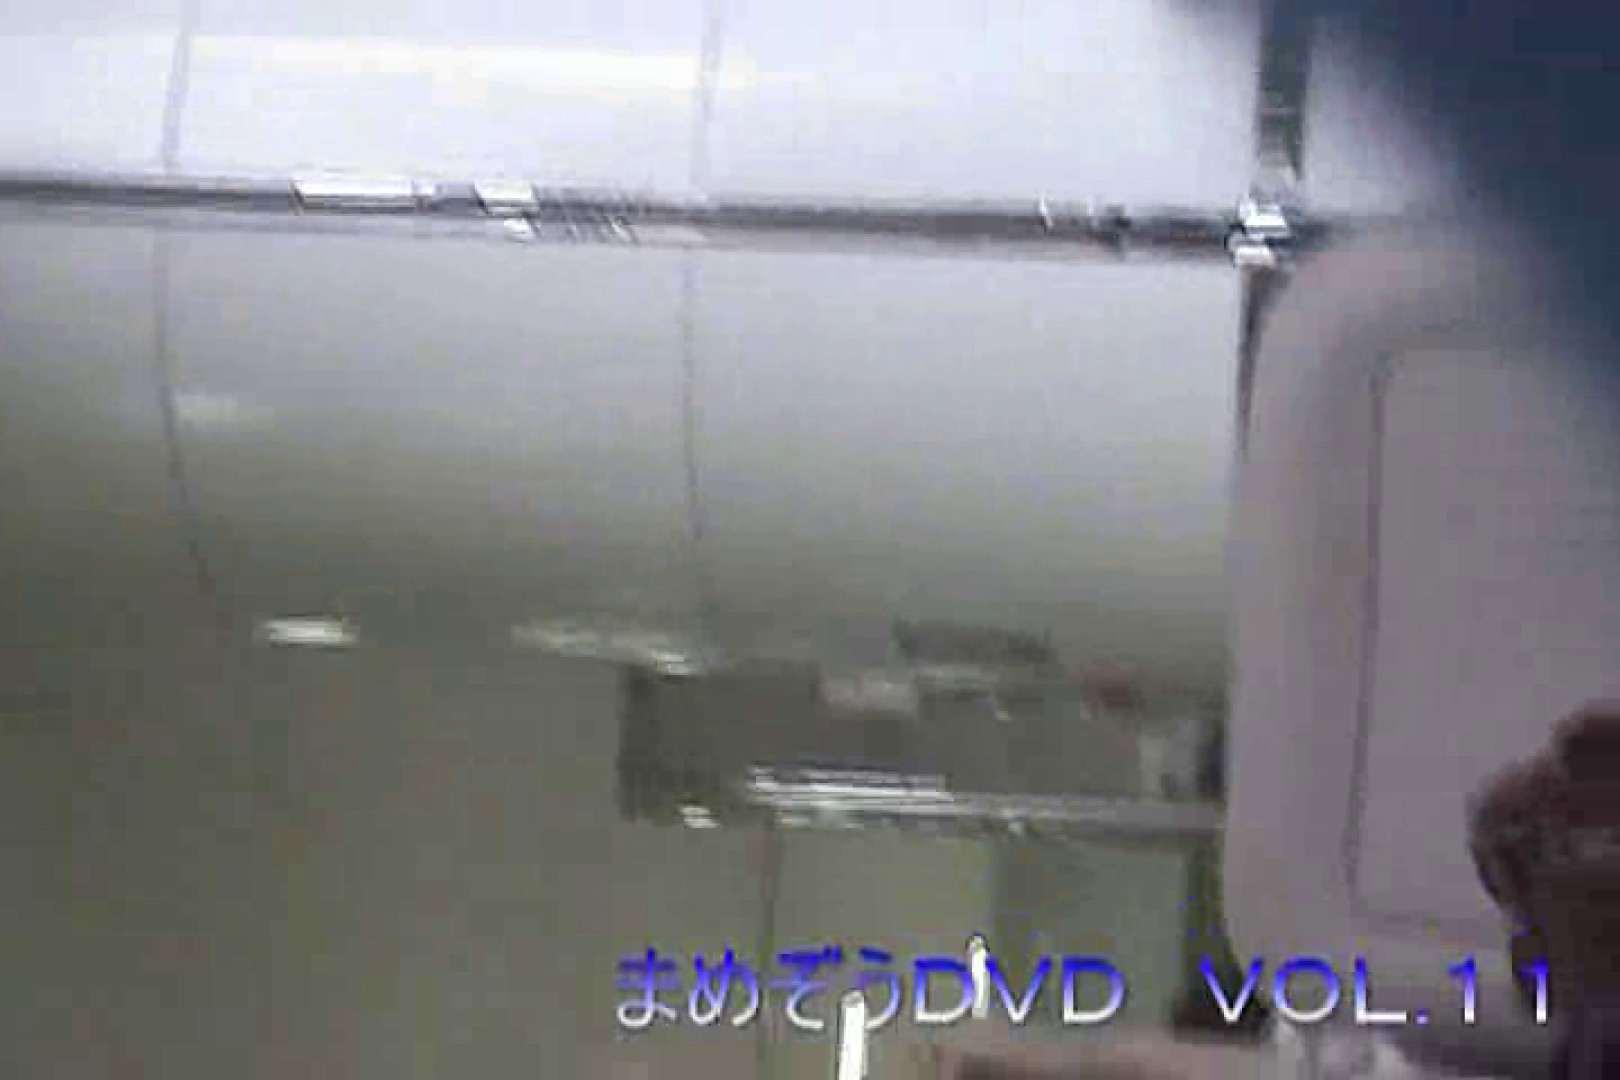 まめぞうDVD完全版VOL.11 ギャル  74PIX 5